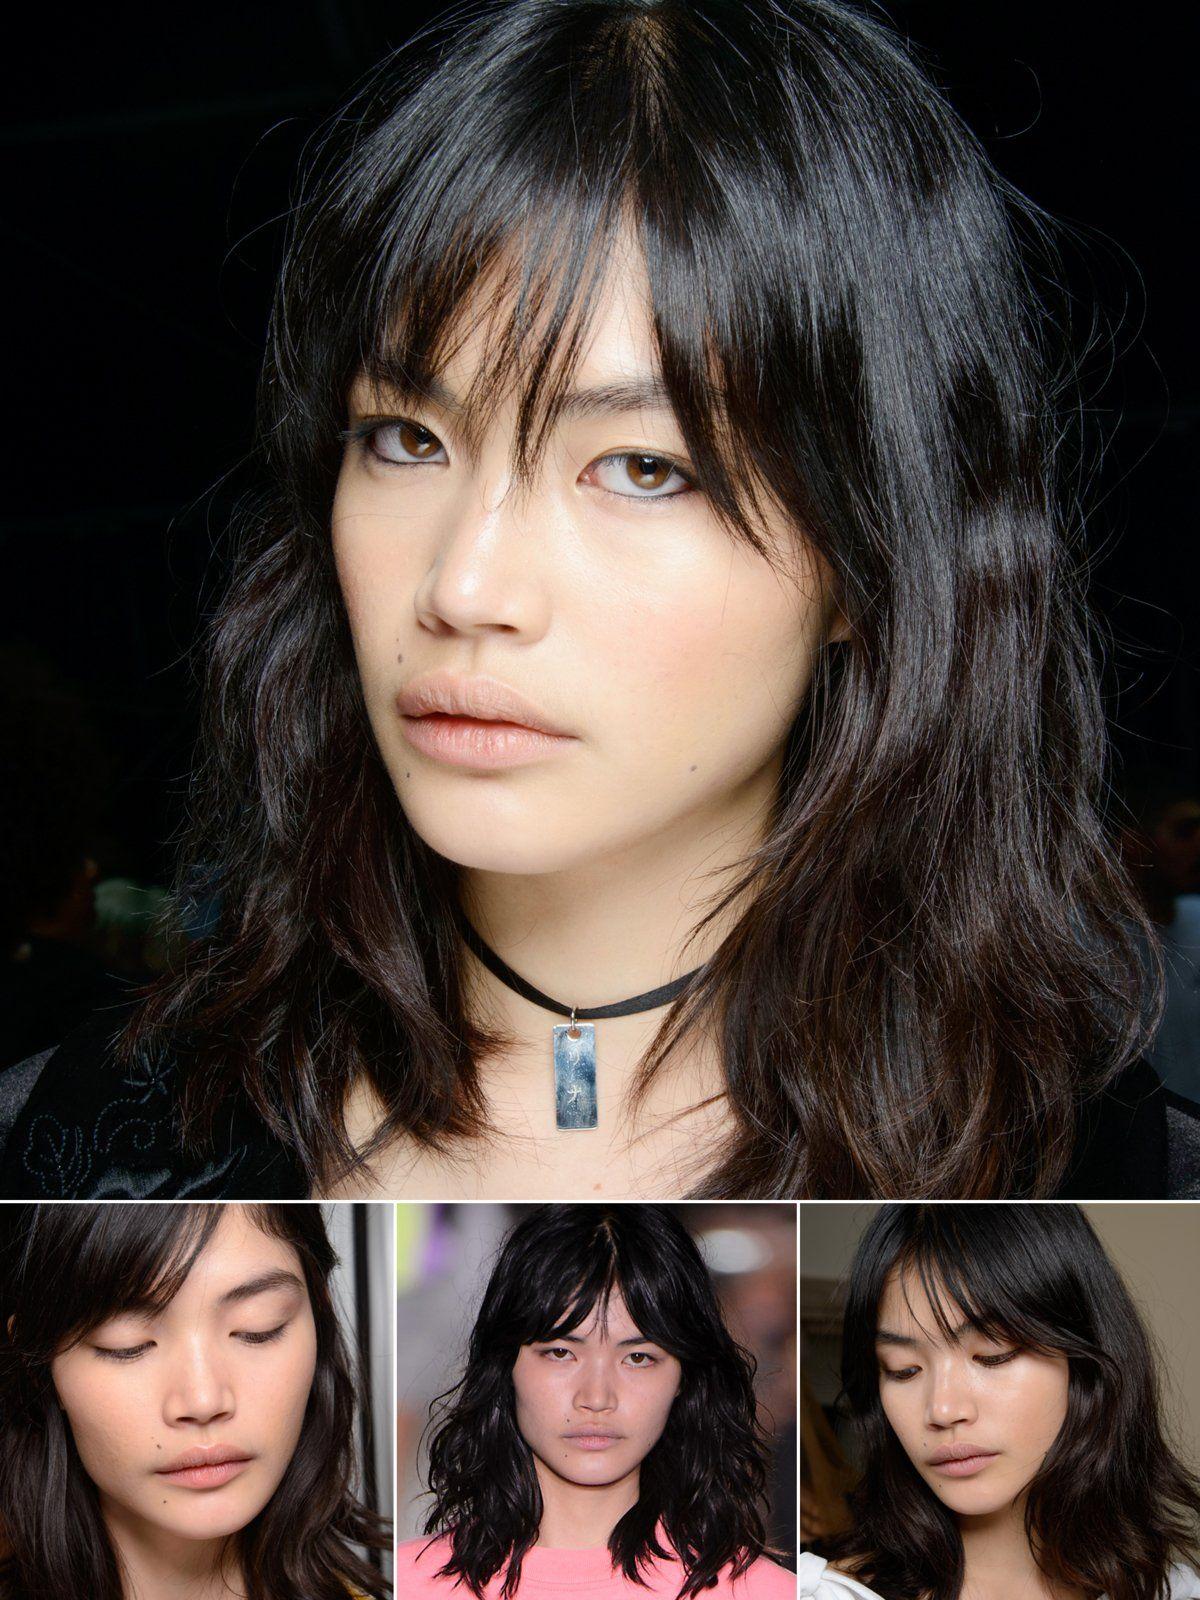 Dickes Koreanisches Mädchen